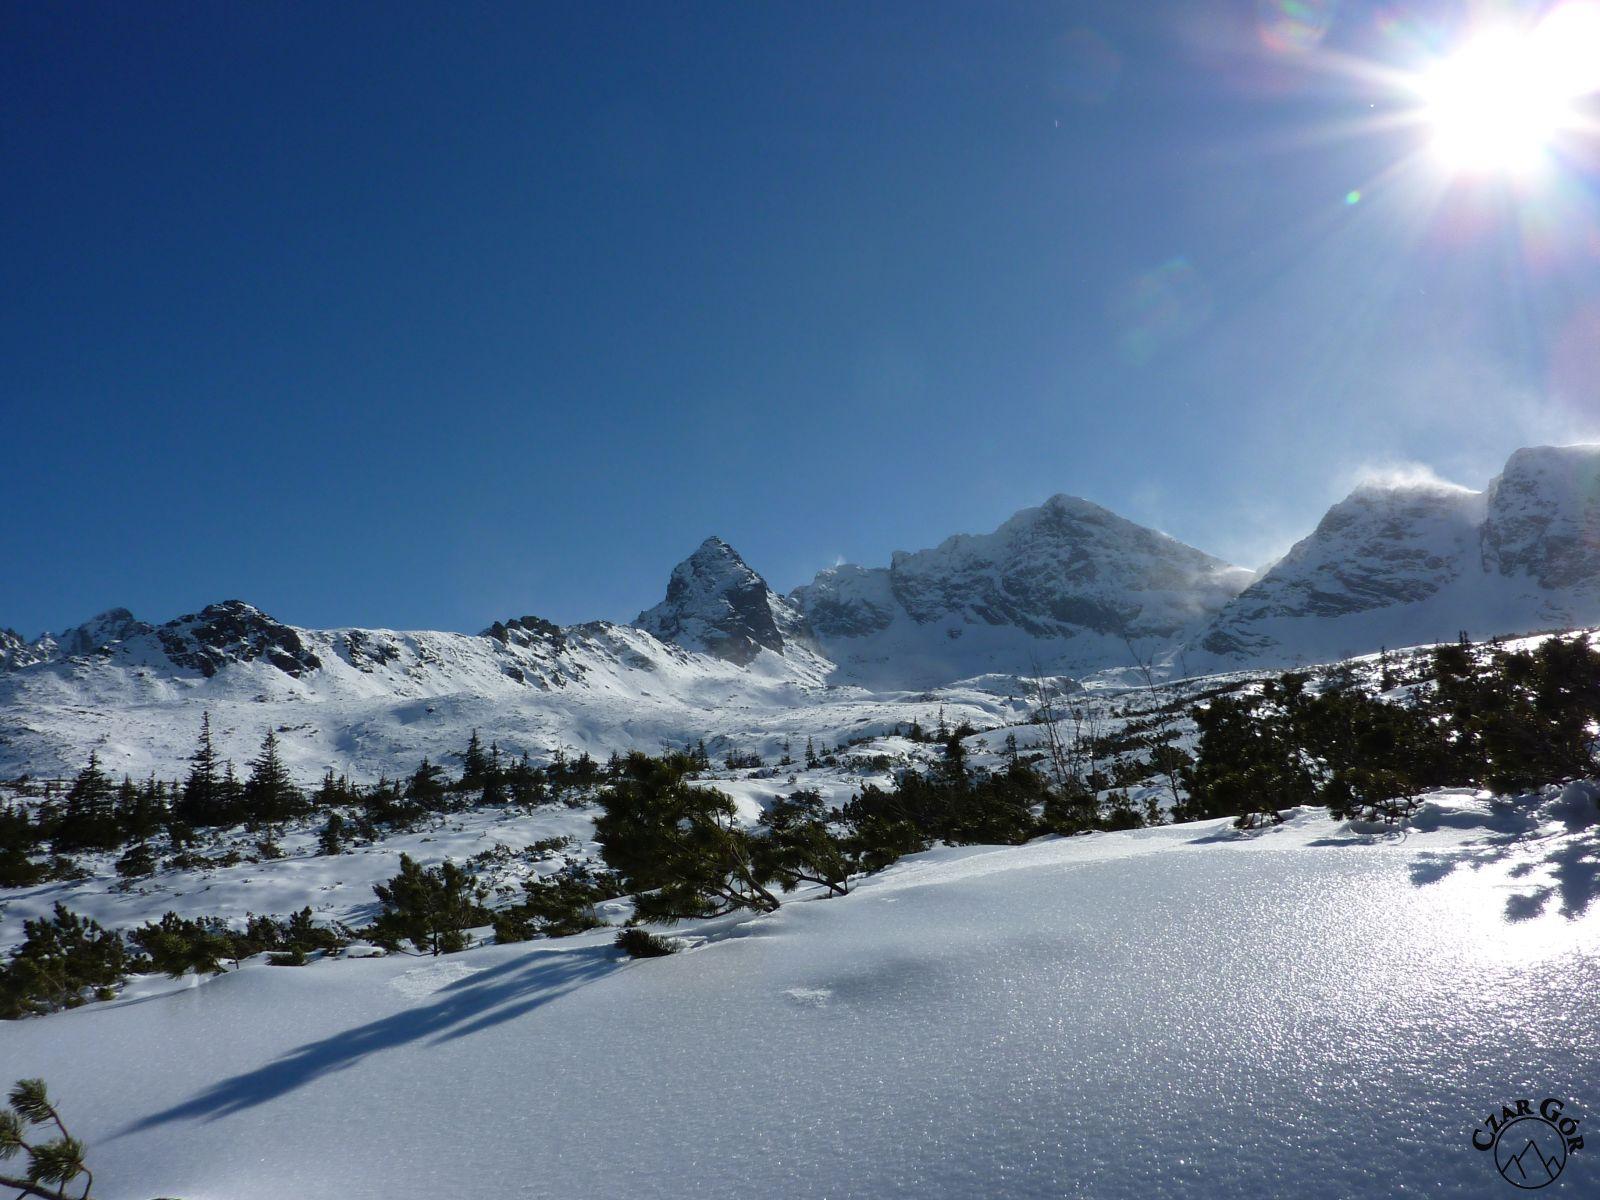 Wycieczka skitourowa pod Przełęcz Karb. Od prawej: Skrajna Turnia, Skrajna Przełęcz, Pośrednia Turnia, Świnicka Przełęcz, Świnica, Kościelec